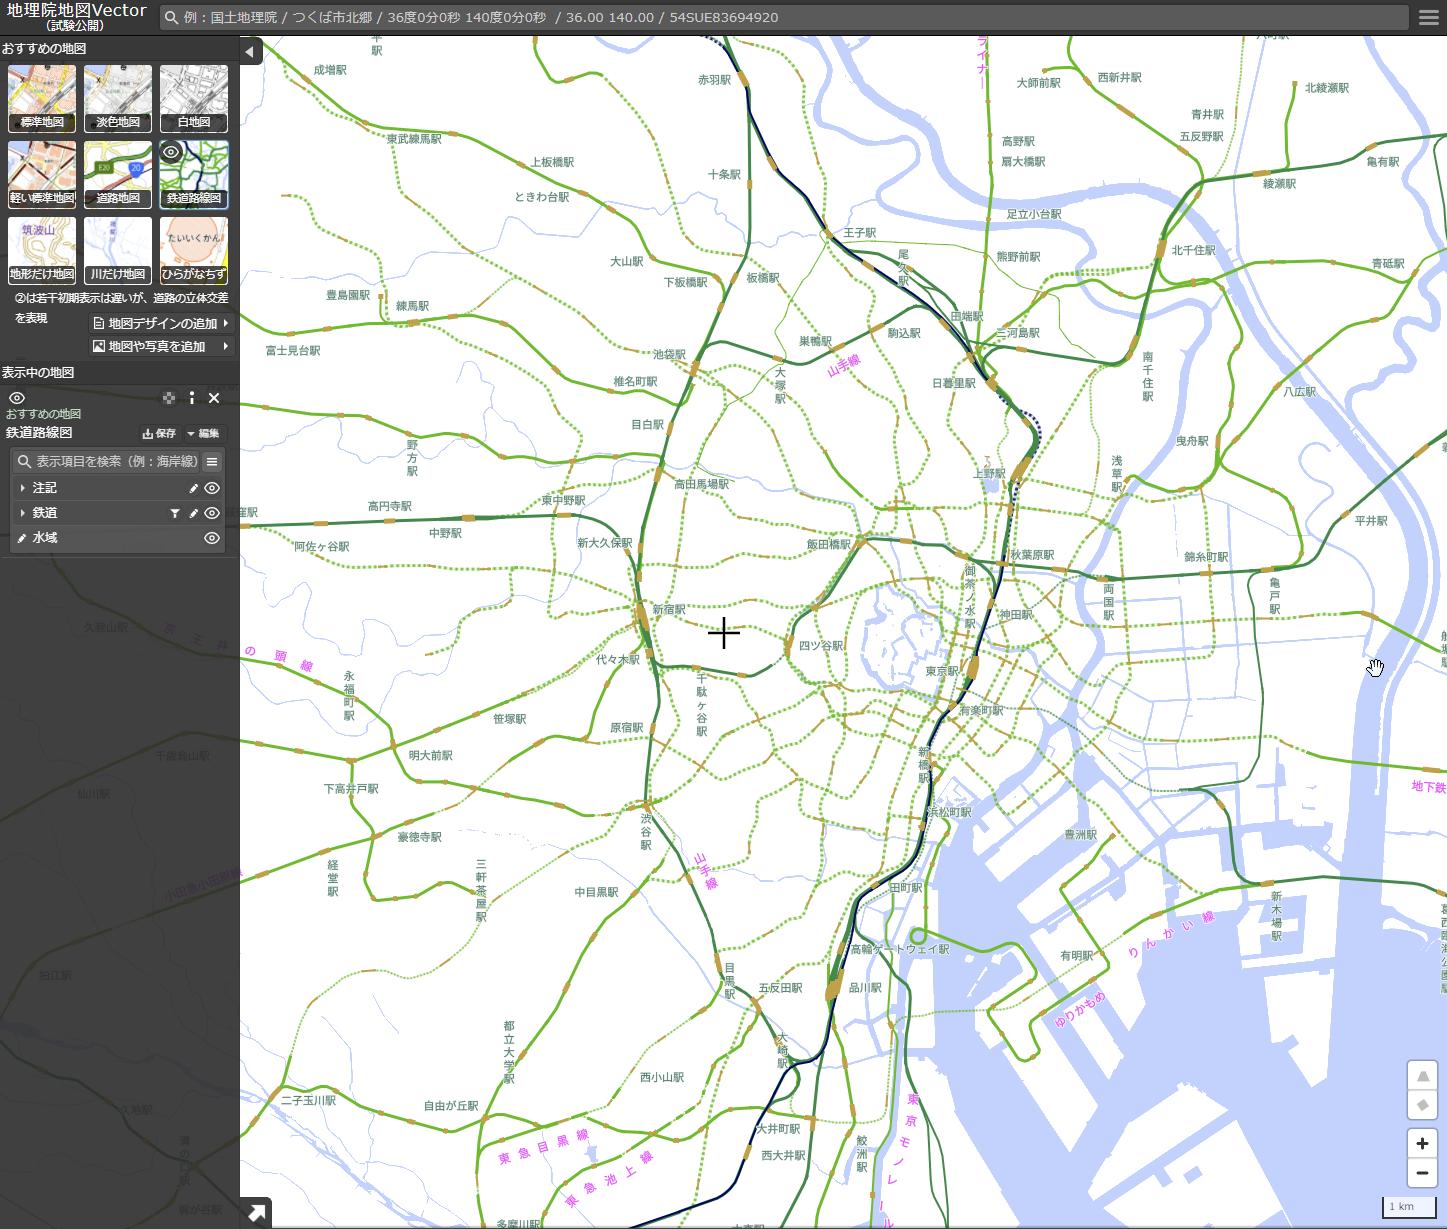 鉄道路線図夏休みの自由研究におすすめな国土地理院「地理院地図Vector」の鉄道路線図画面